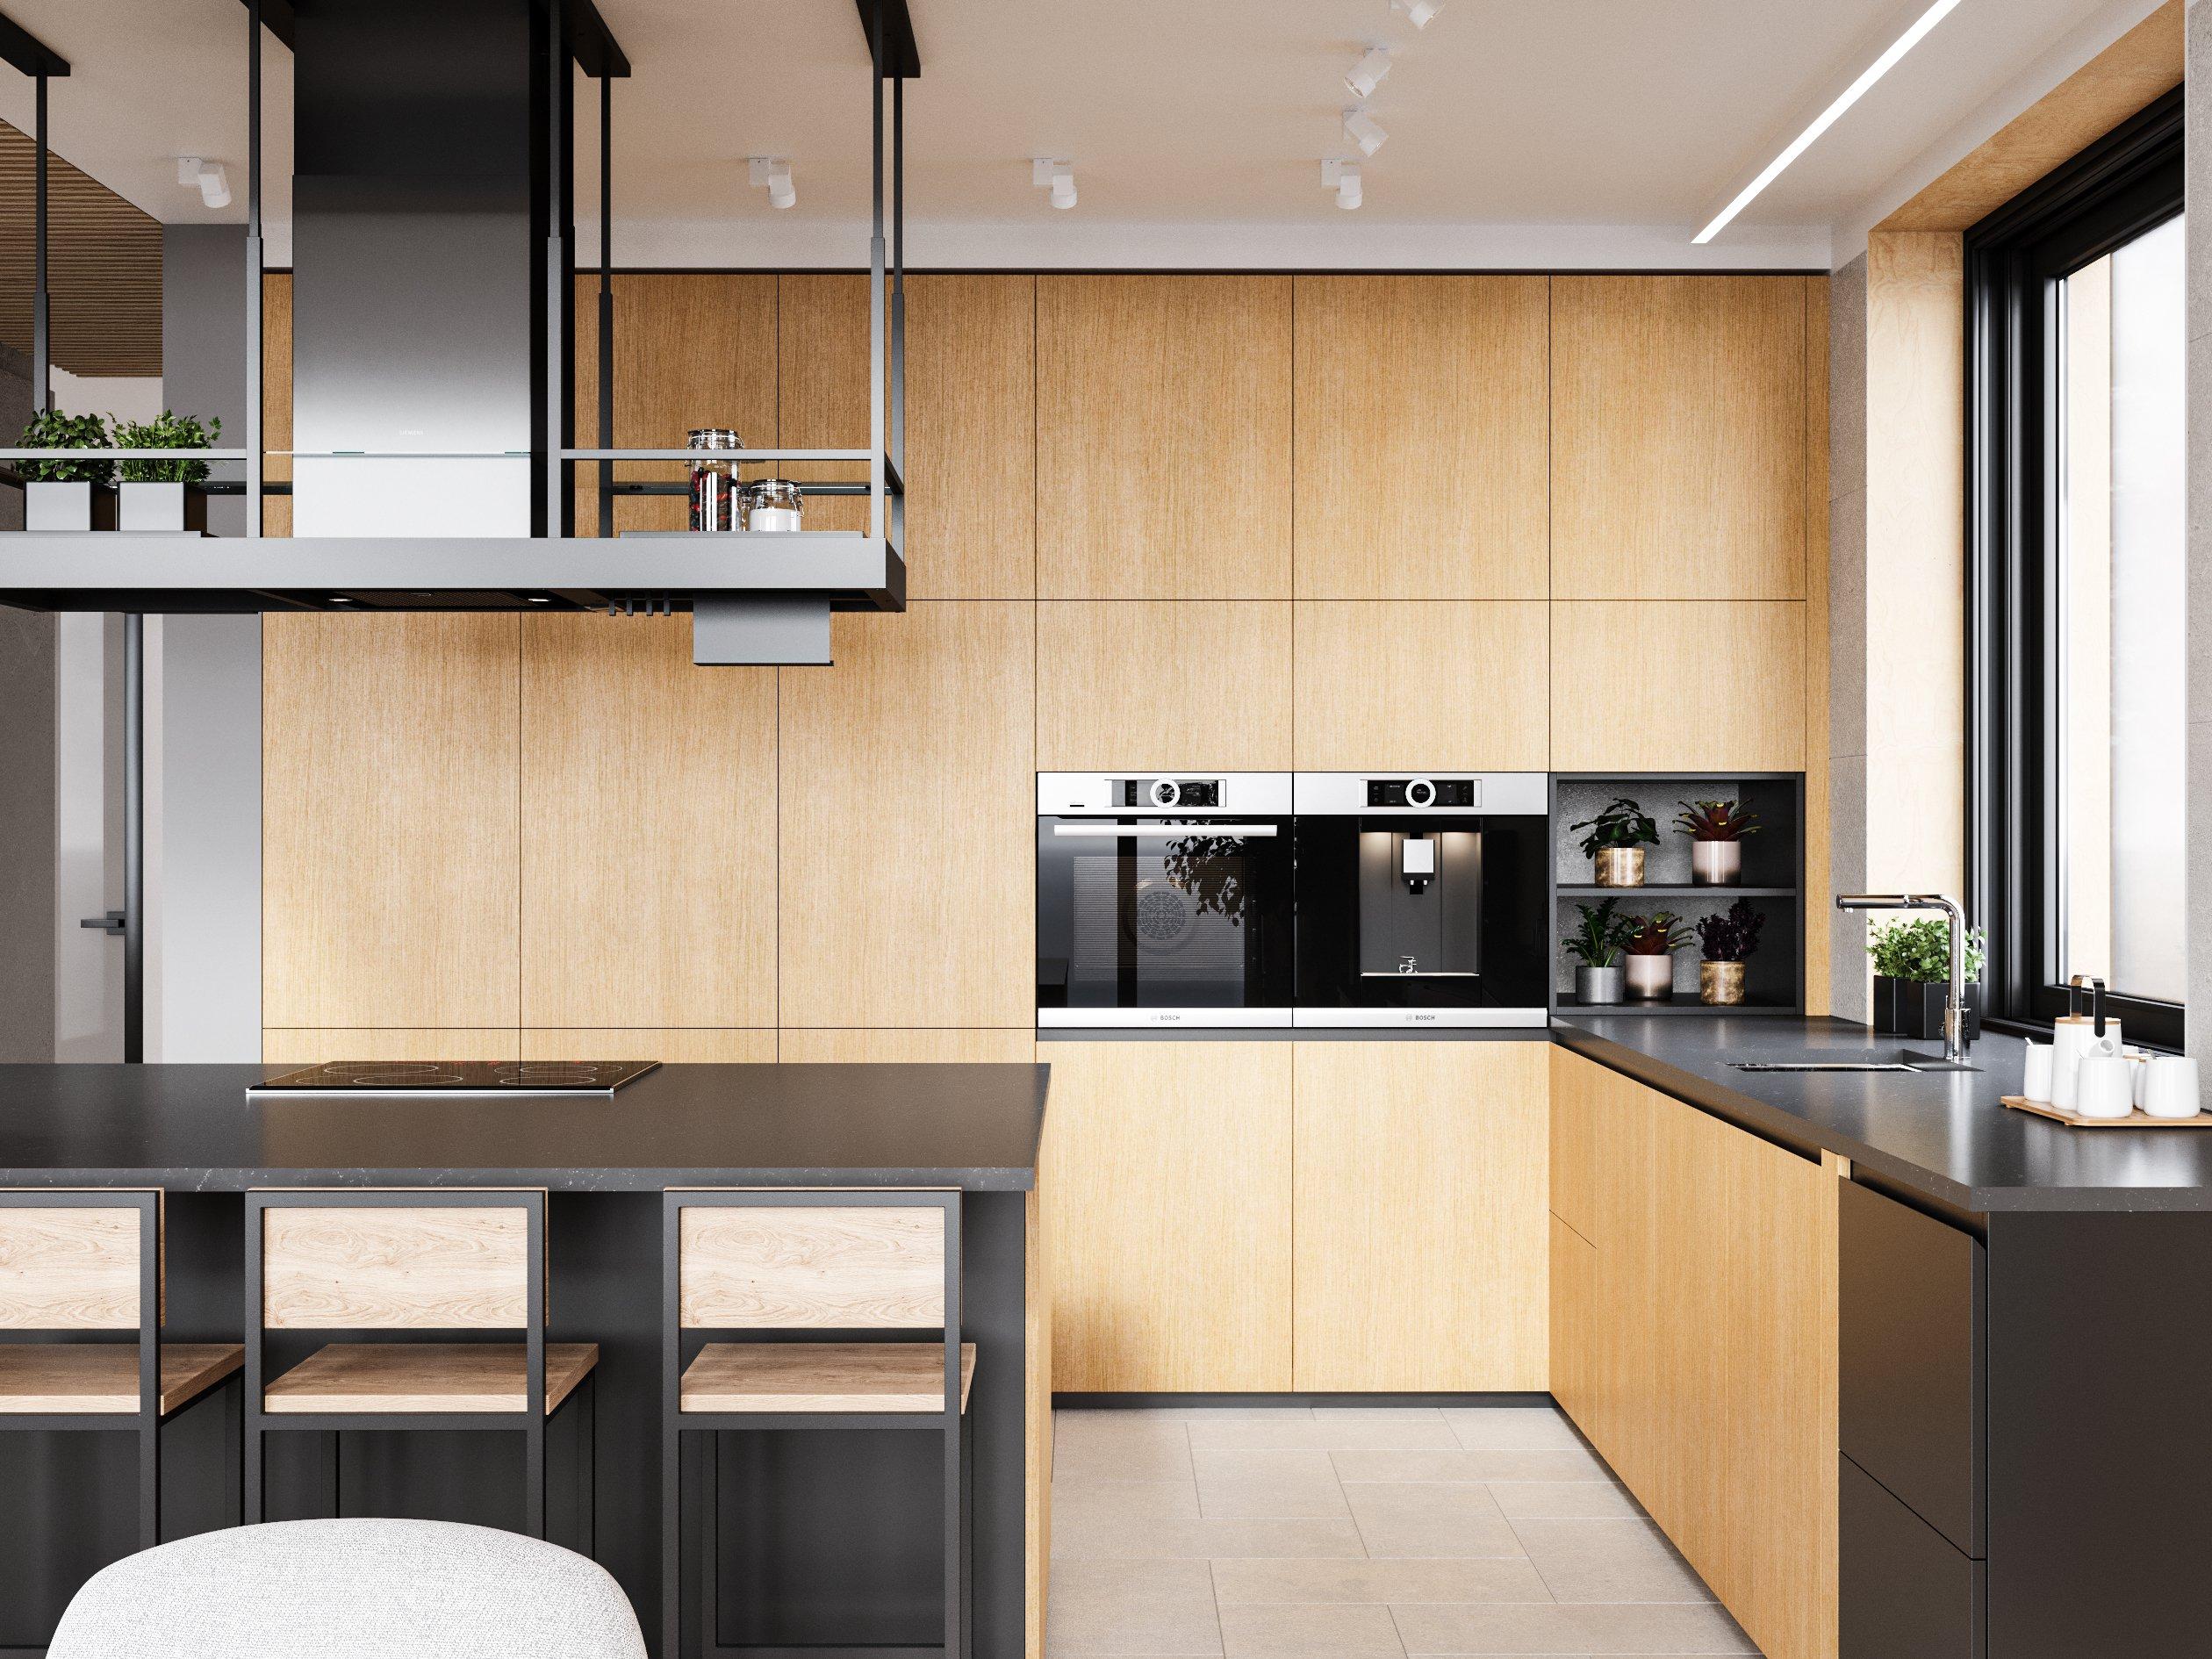 Кухня в дизайне интерьера загородного дома